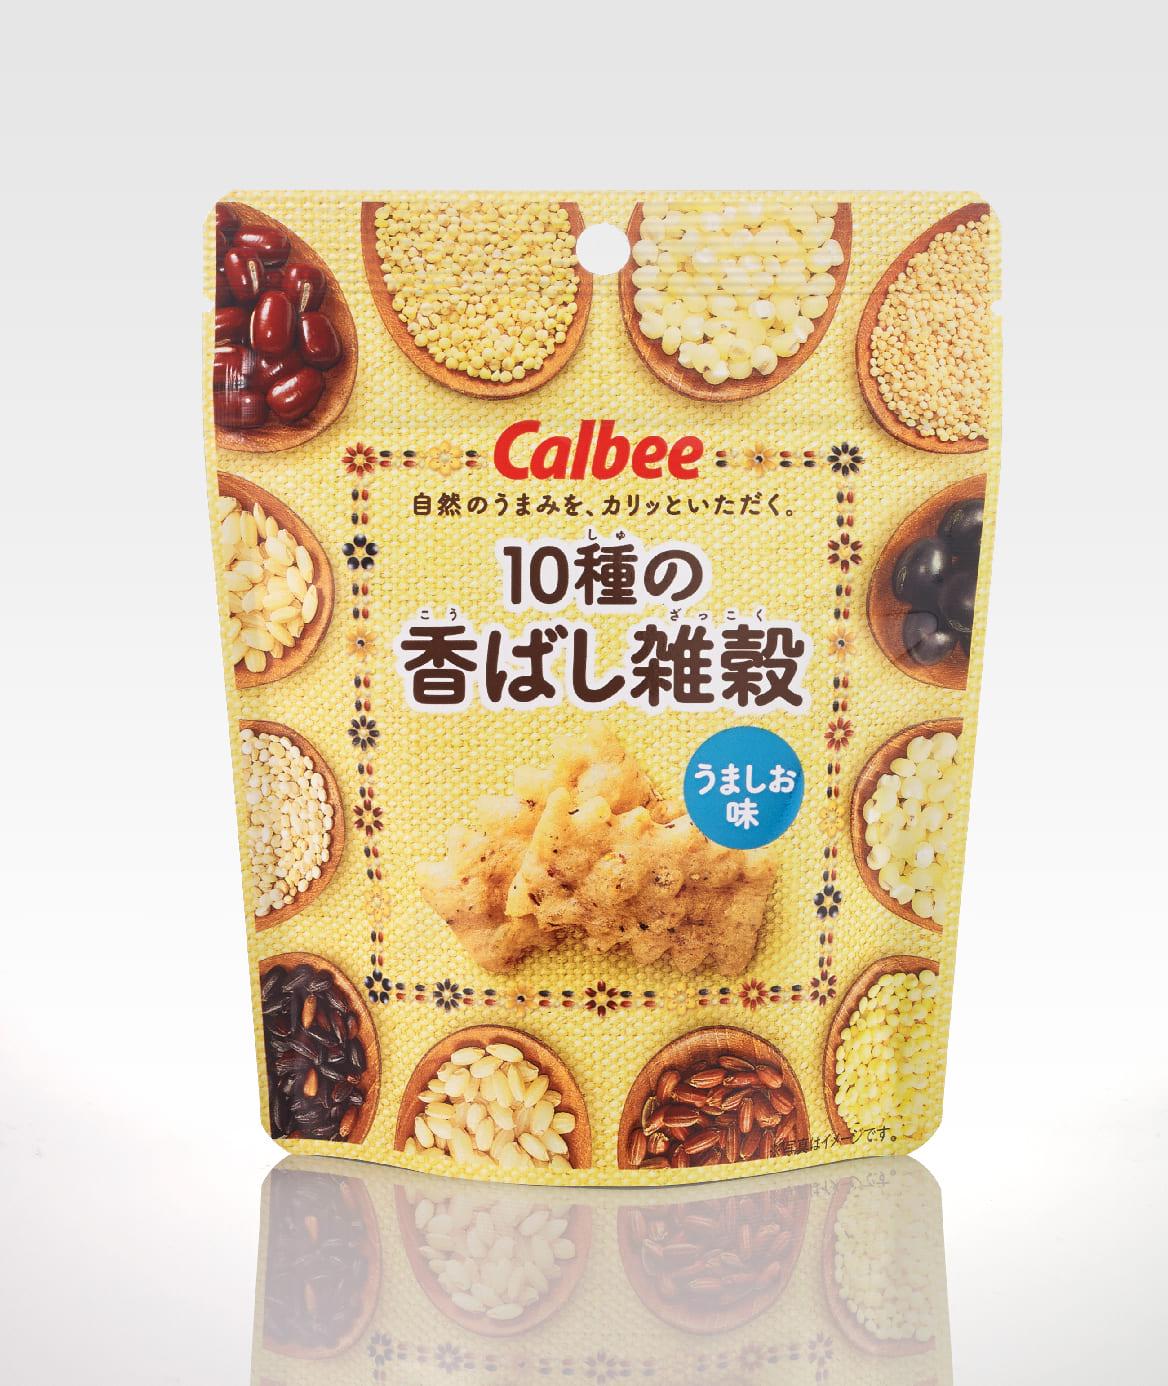 カルビー-10種の香ばし雑穀のパッケージ